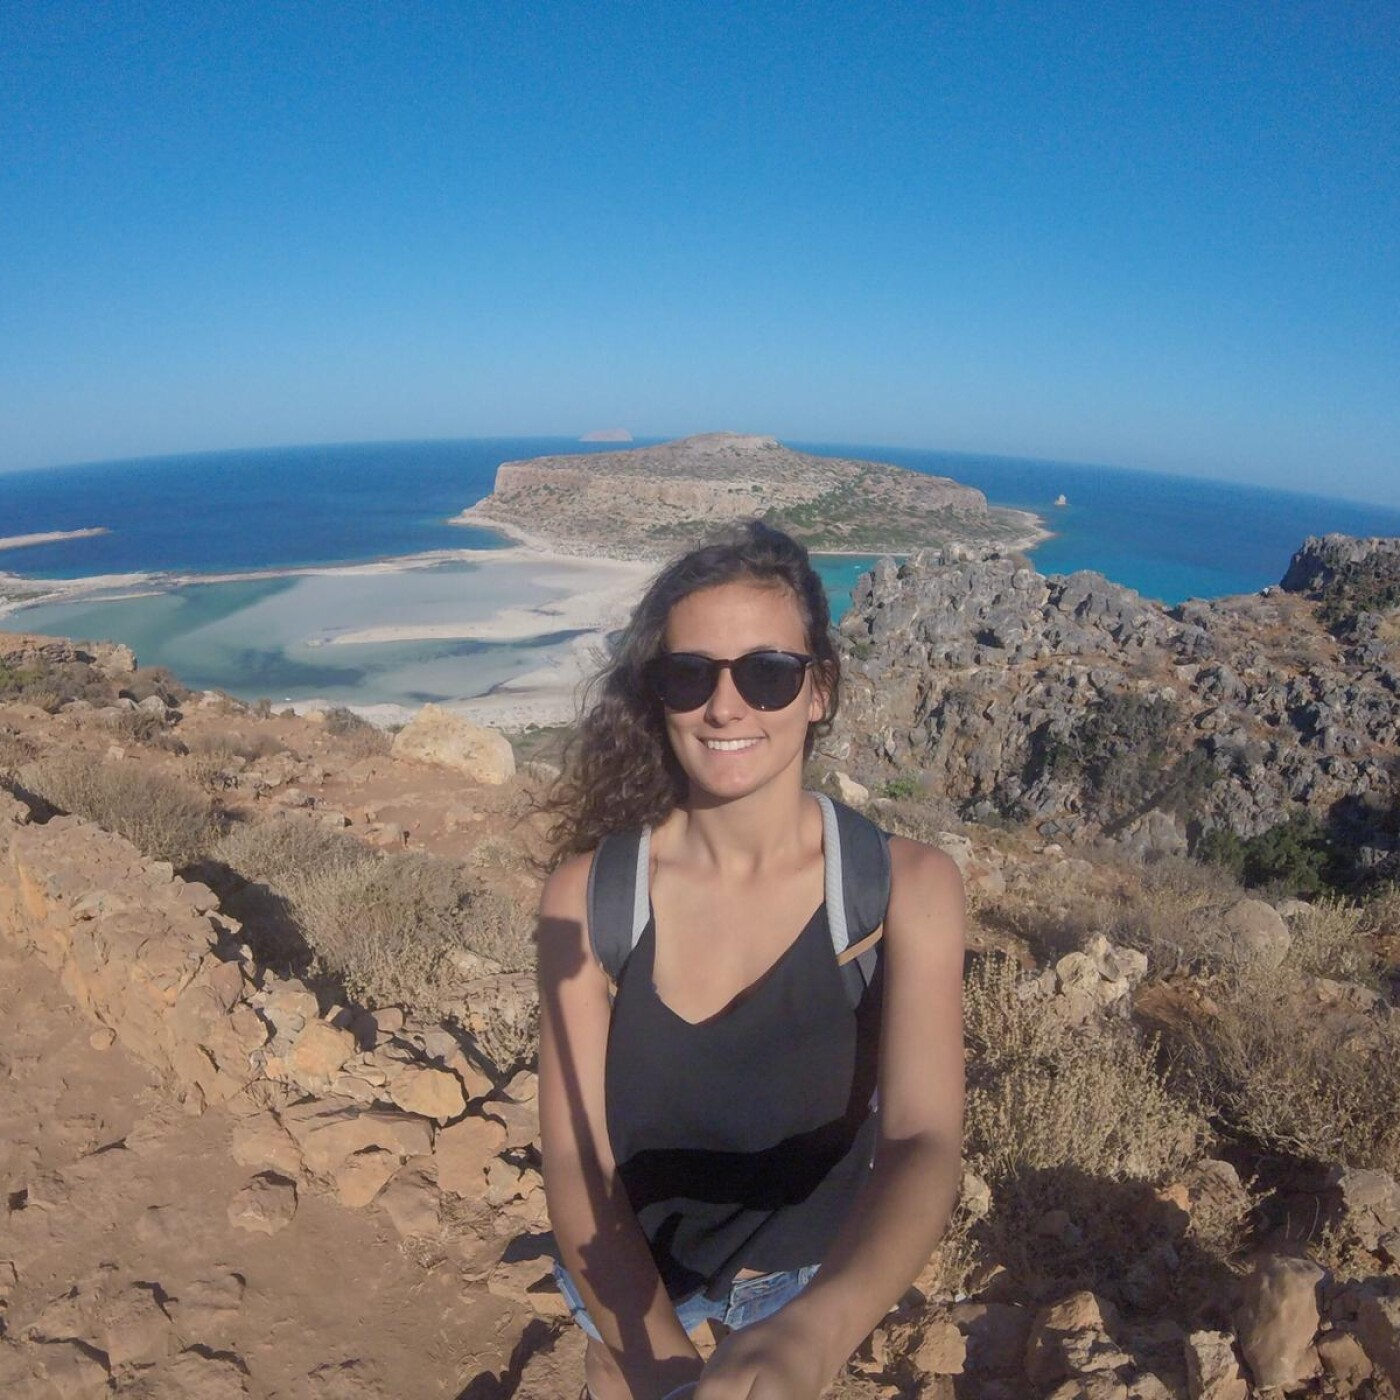 Marine vit pour les voyages, on la retrouve aujourd'hui au Portugal - 24 09 2021 - StereoChic Radio